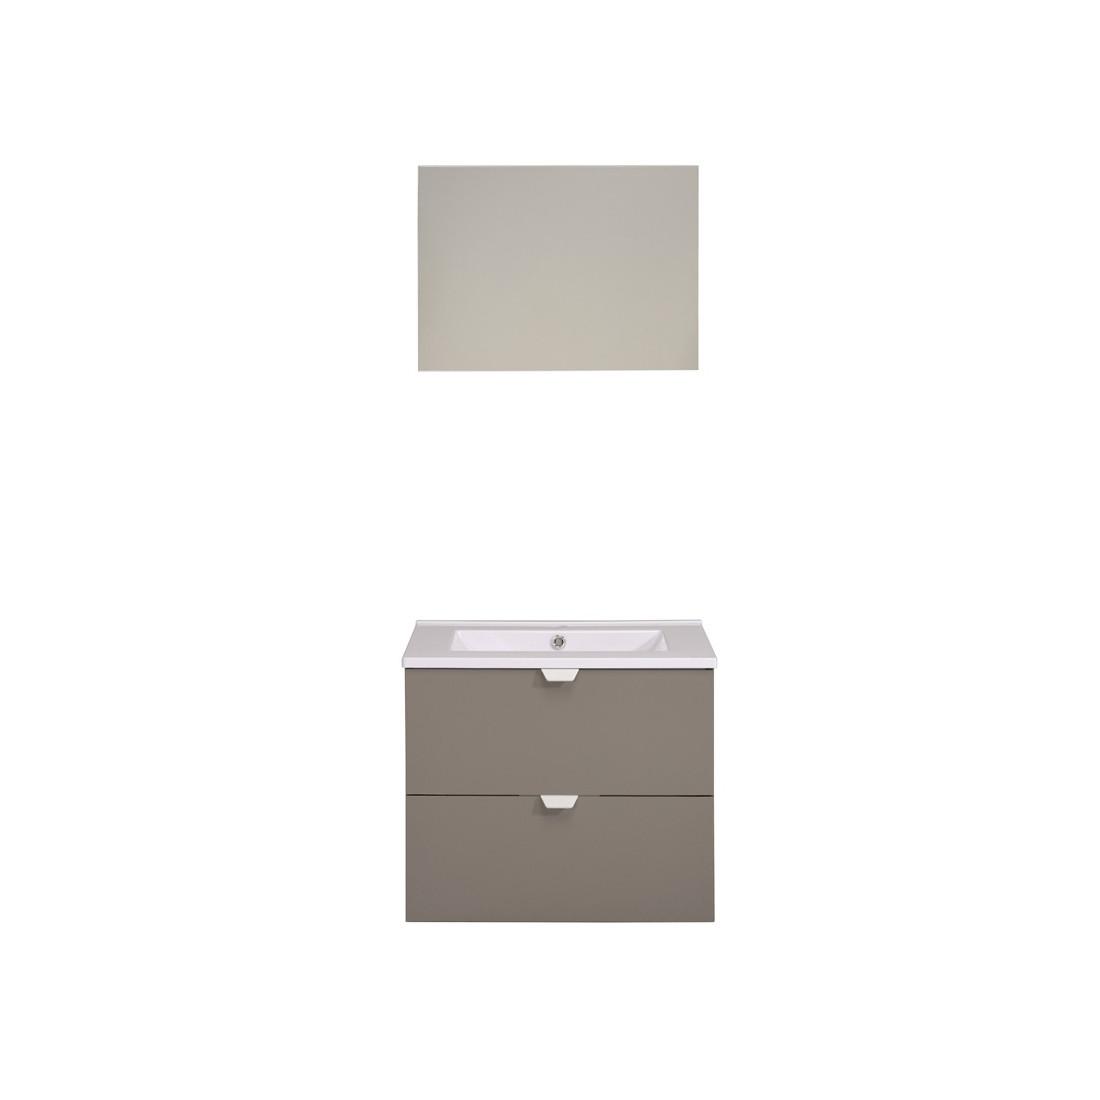 Ensemble complet meubles salle de bain uriel n 2 salle for Meuble salle de bain complet